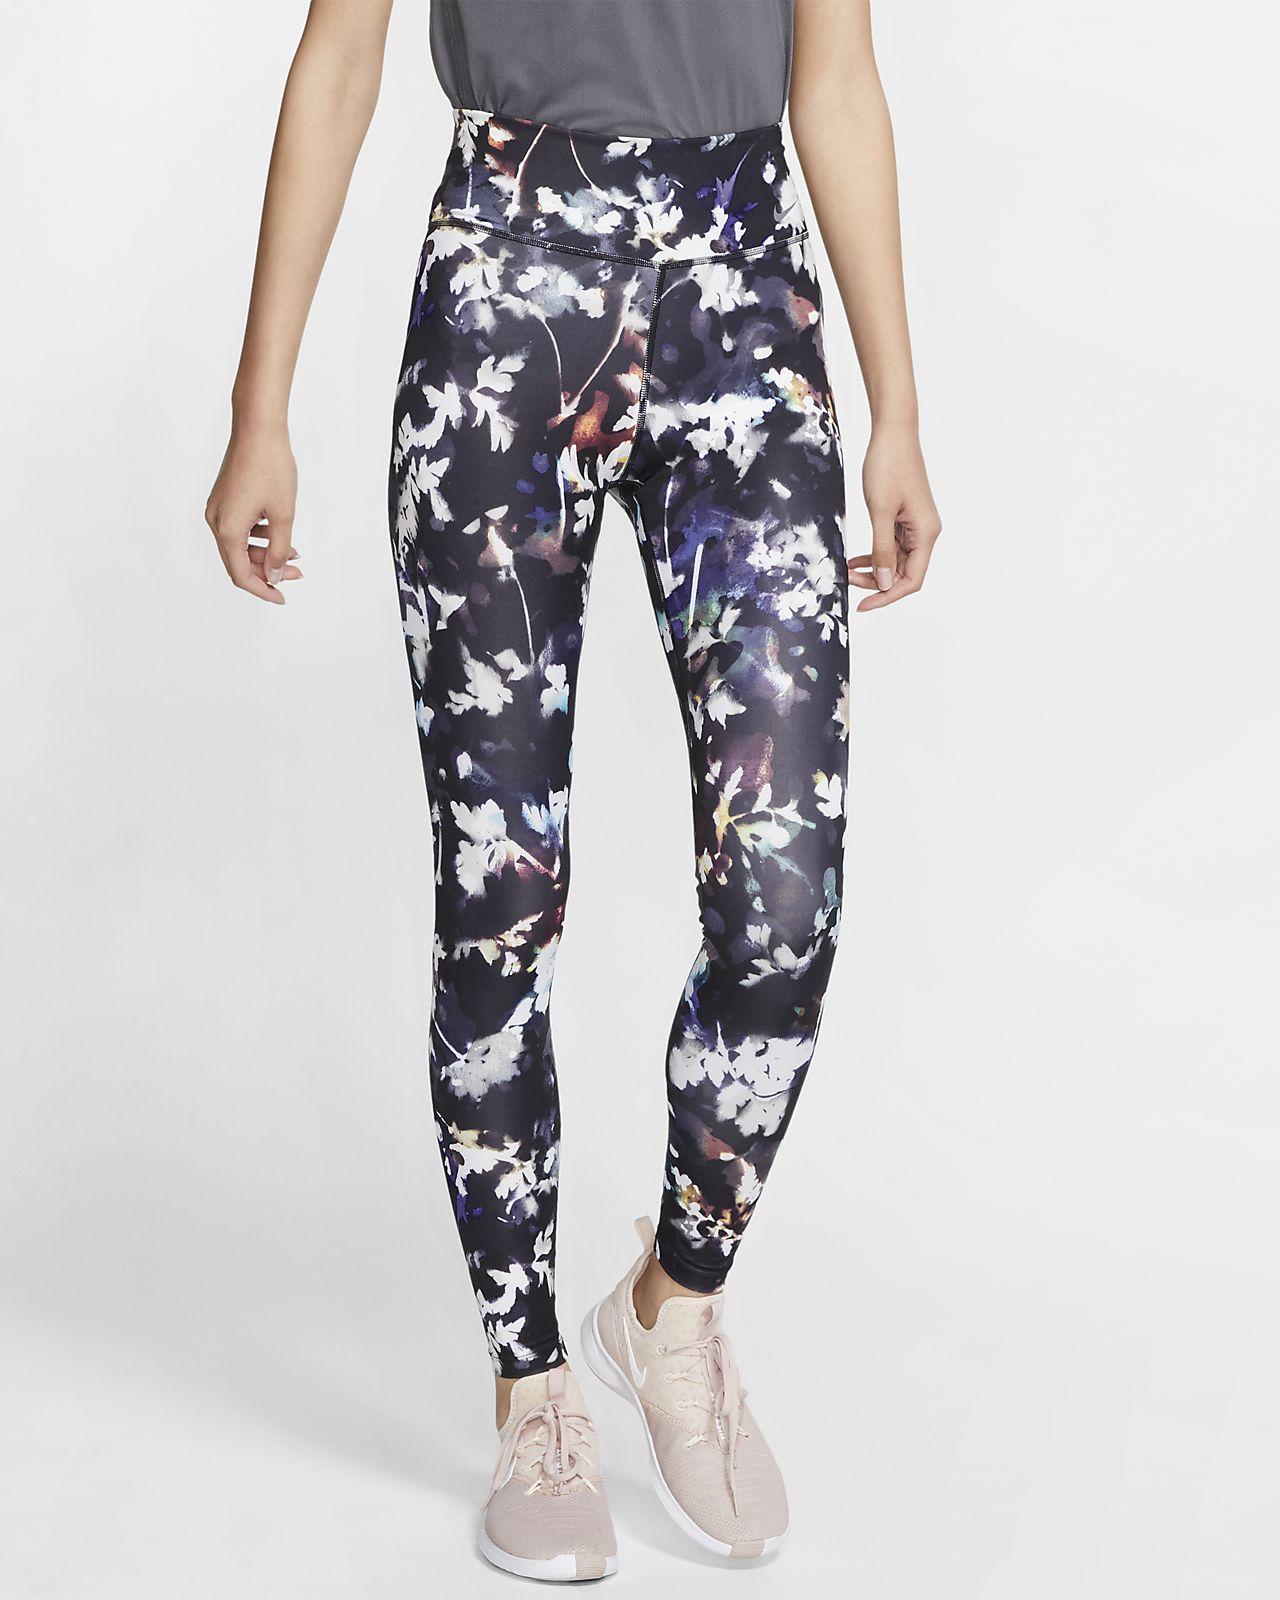 Nike One-tights med print til kvinder